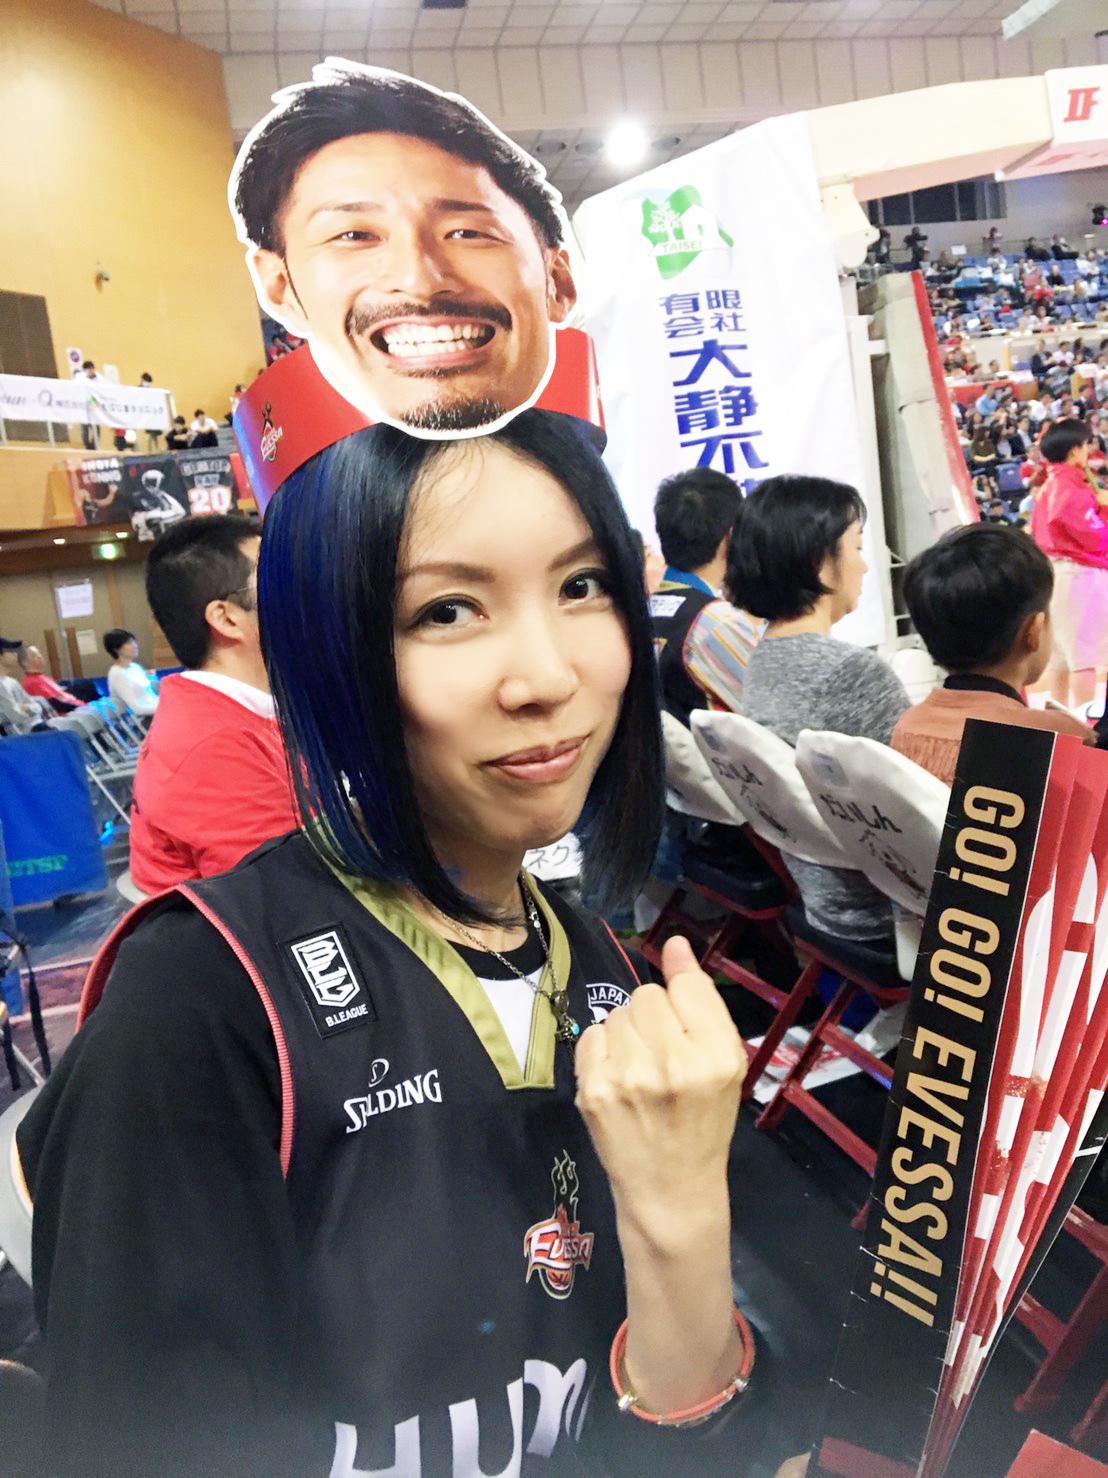 大阪エヴェッサ2018シーズンホーム開幕戦_ヴァルキューレメンバーと2